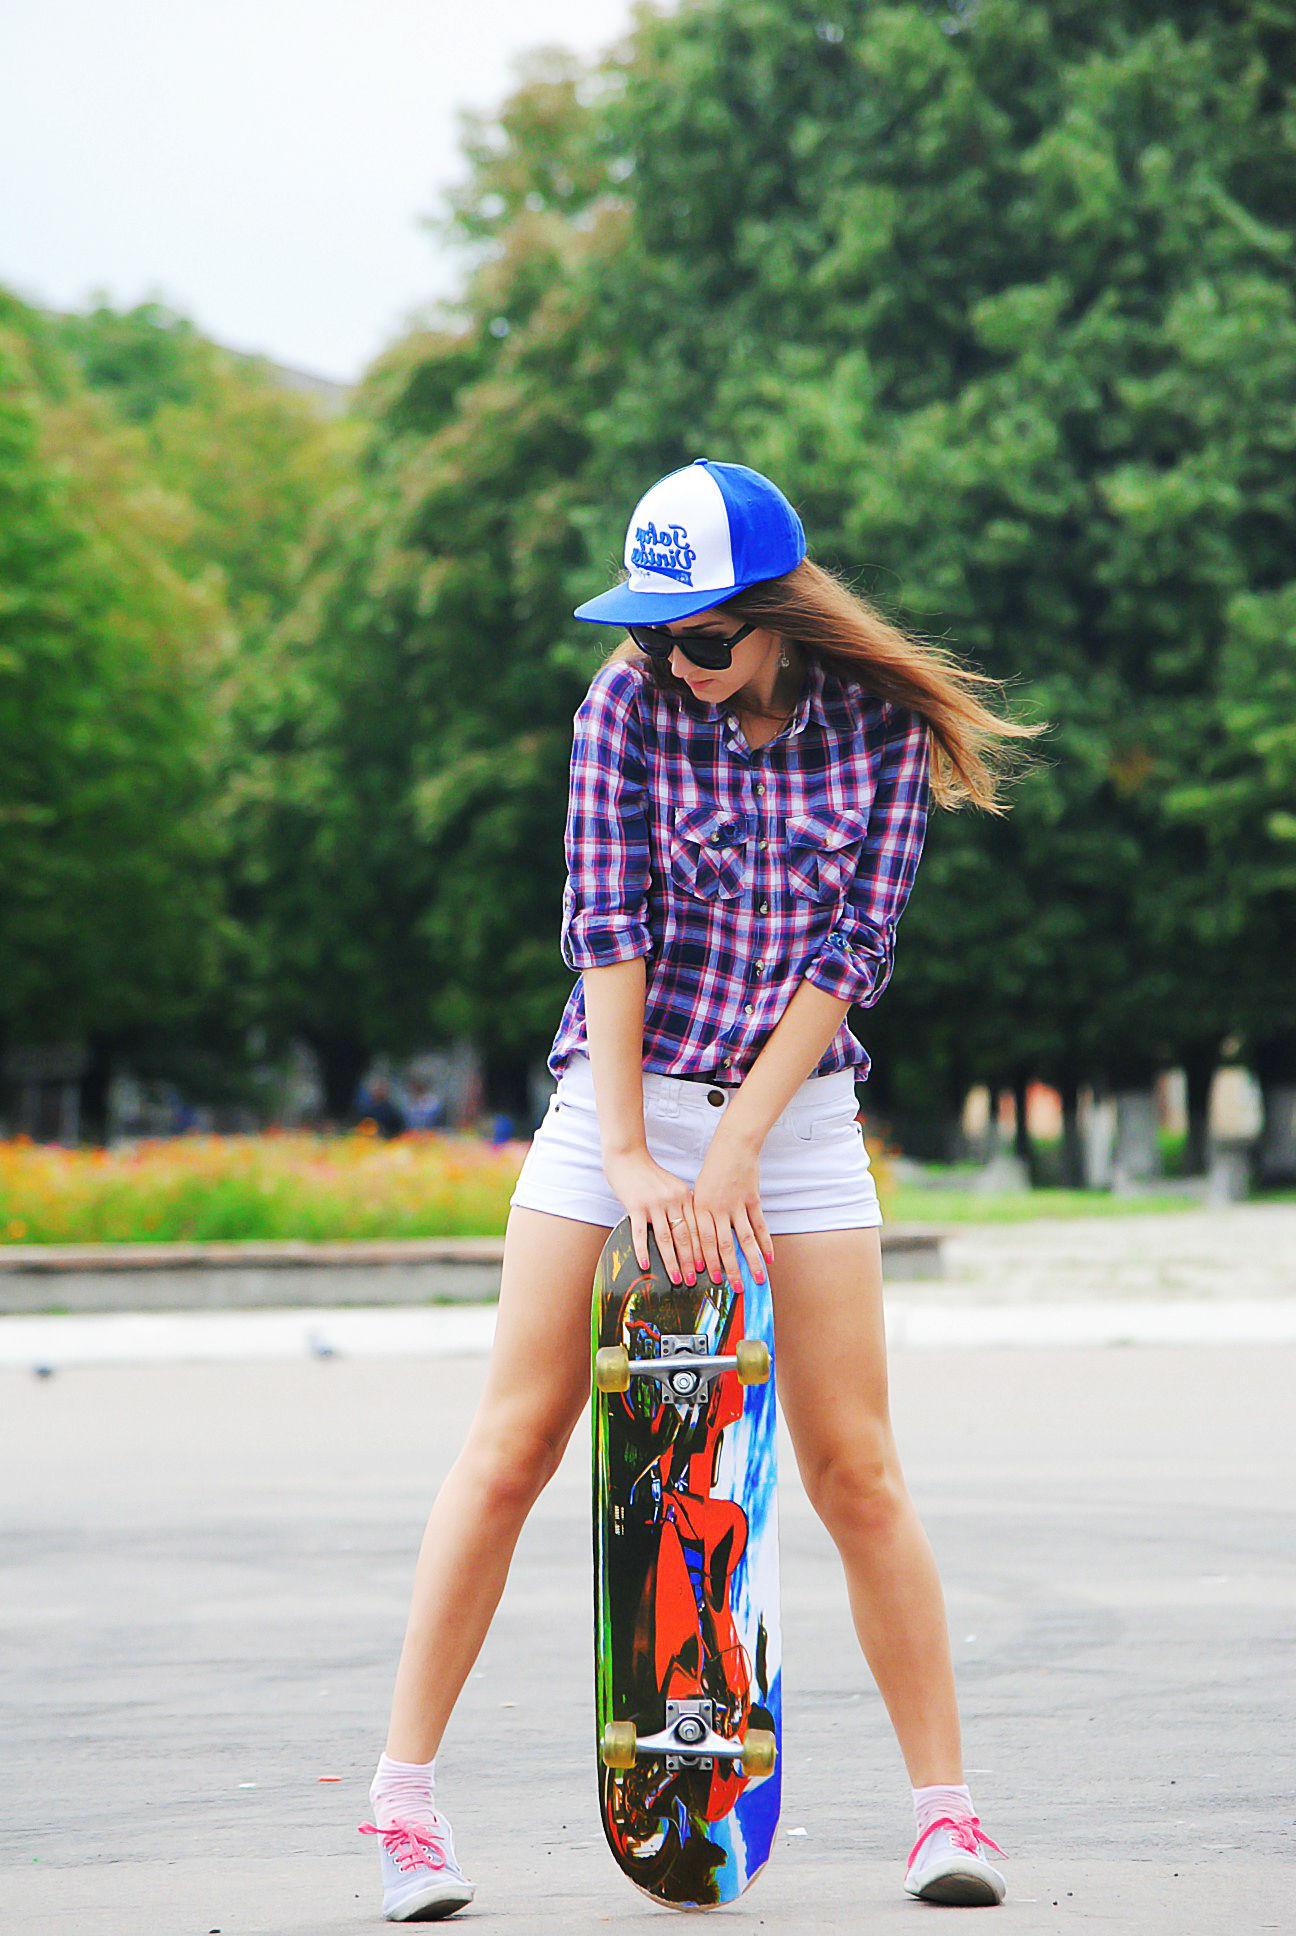 Спортивная школьница  в клетчатой рубашке на скейте